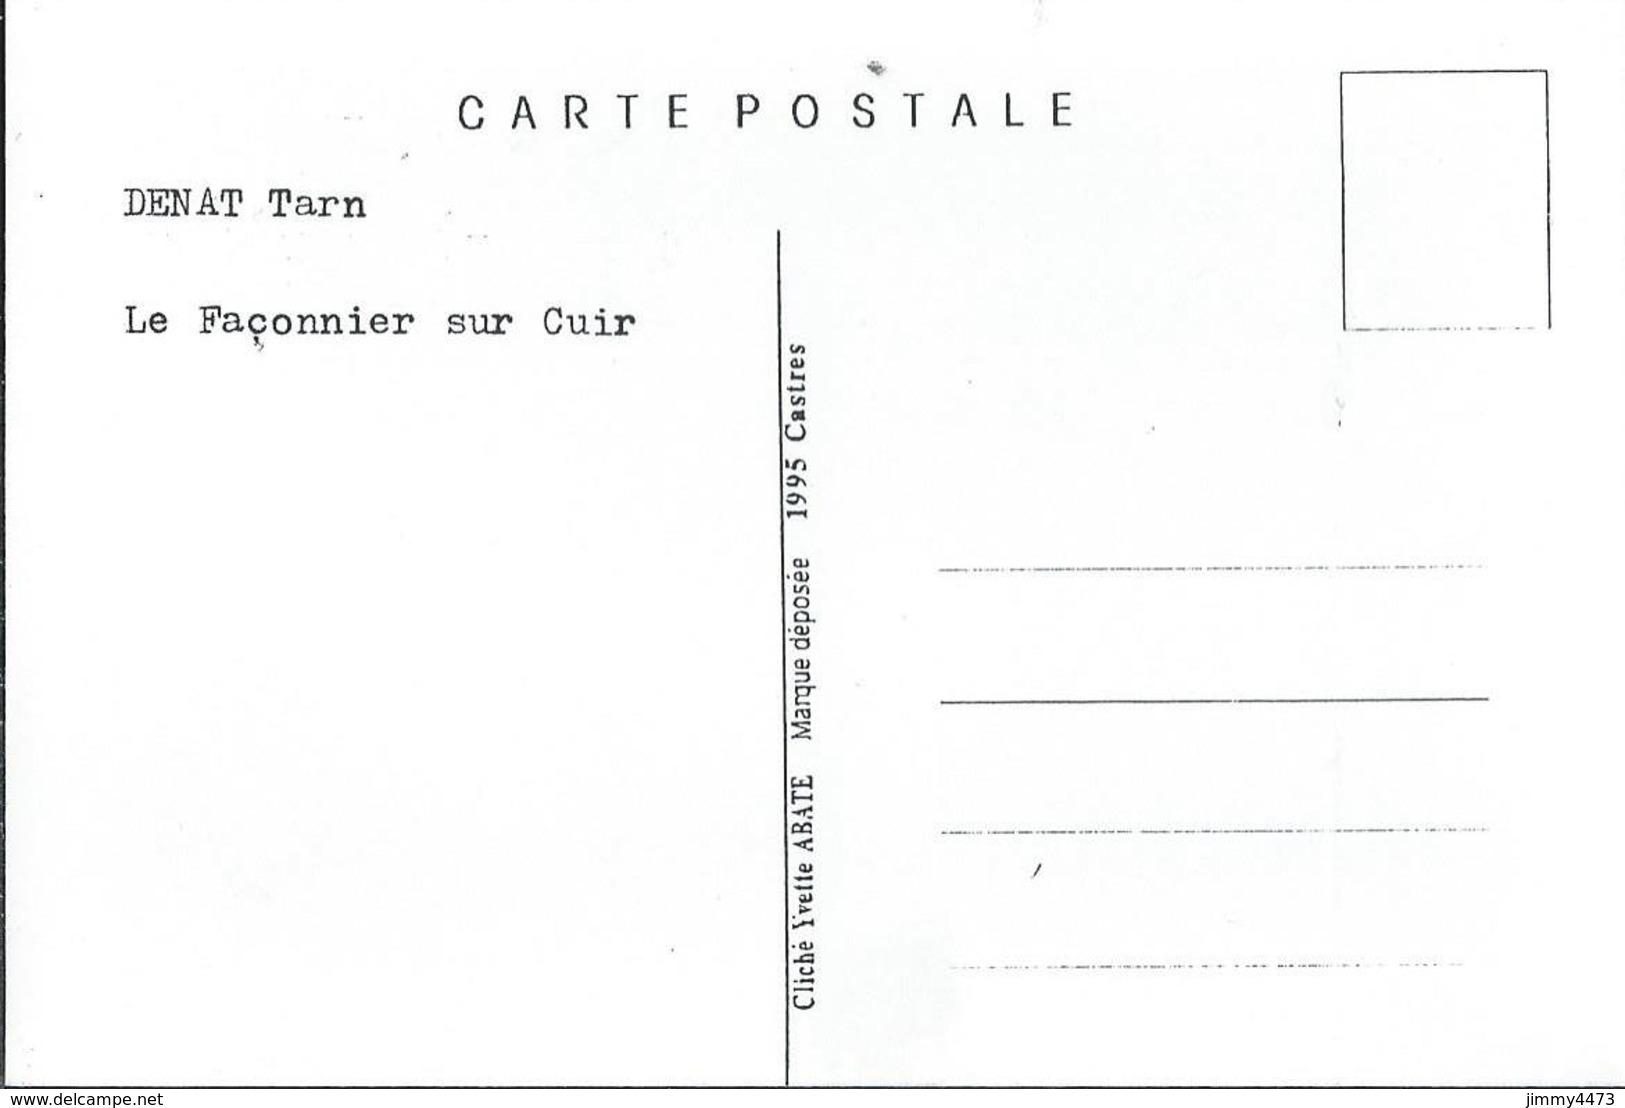 CPM - Le Façonnier Sur Cuir - DENAT 81 Tarn - Cliché Yvette ABATE - Scans Recto-Verso - Artisanat